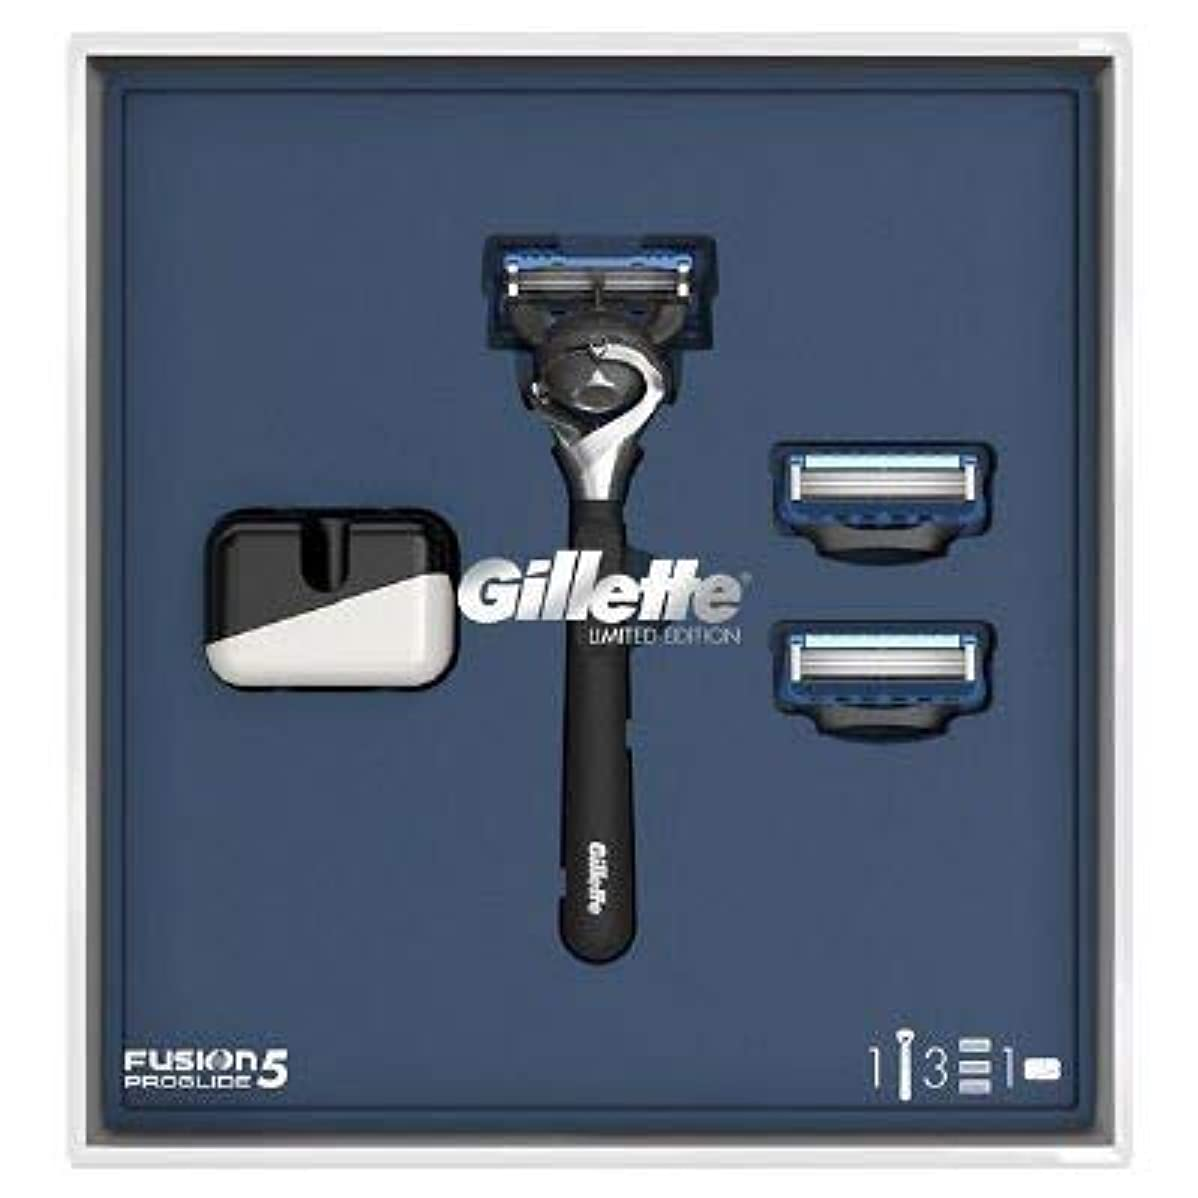 装置彼開業医(ジレット)Gilette プログライド 髭剃り本体+替刃3個 オリジナルスタンド付き スペシャルパッケージ P&G